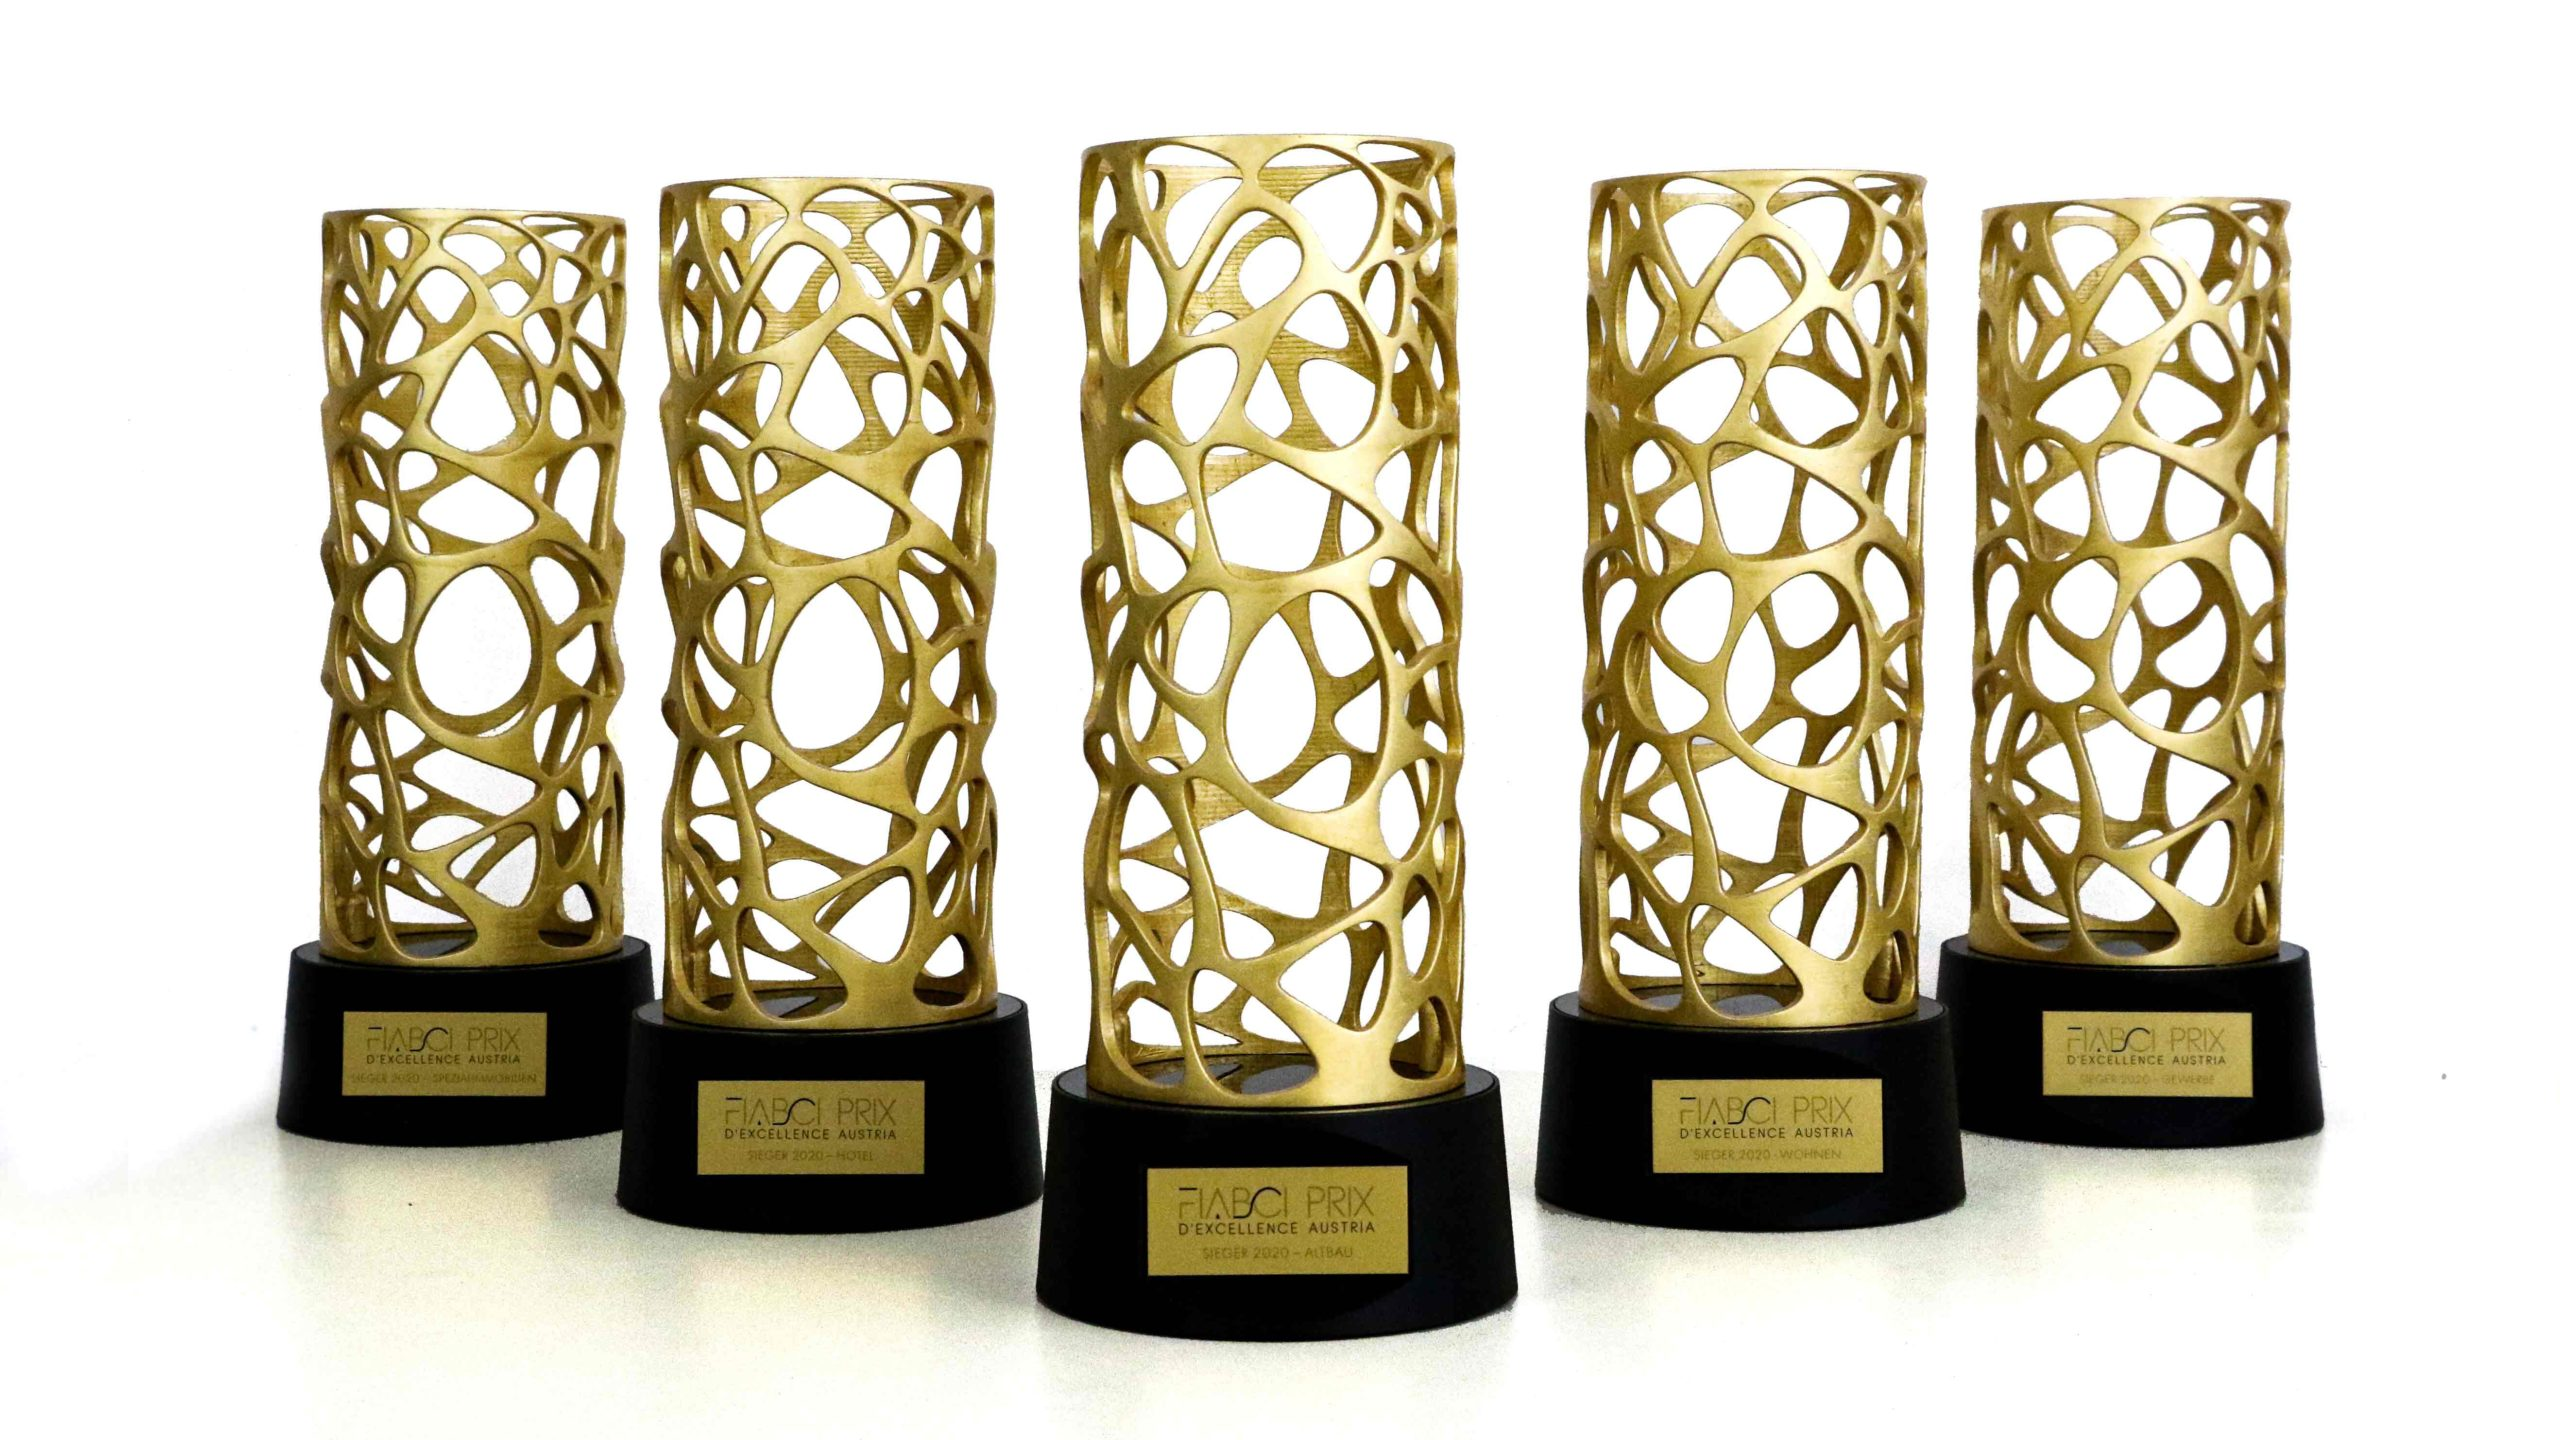 Fiabci-Prix Trophäendesign für Immobilienprojekte